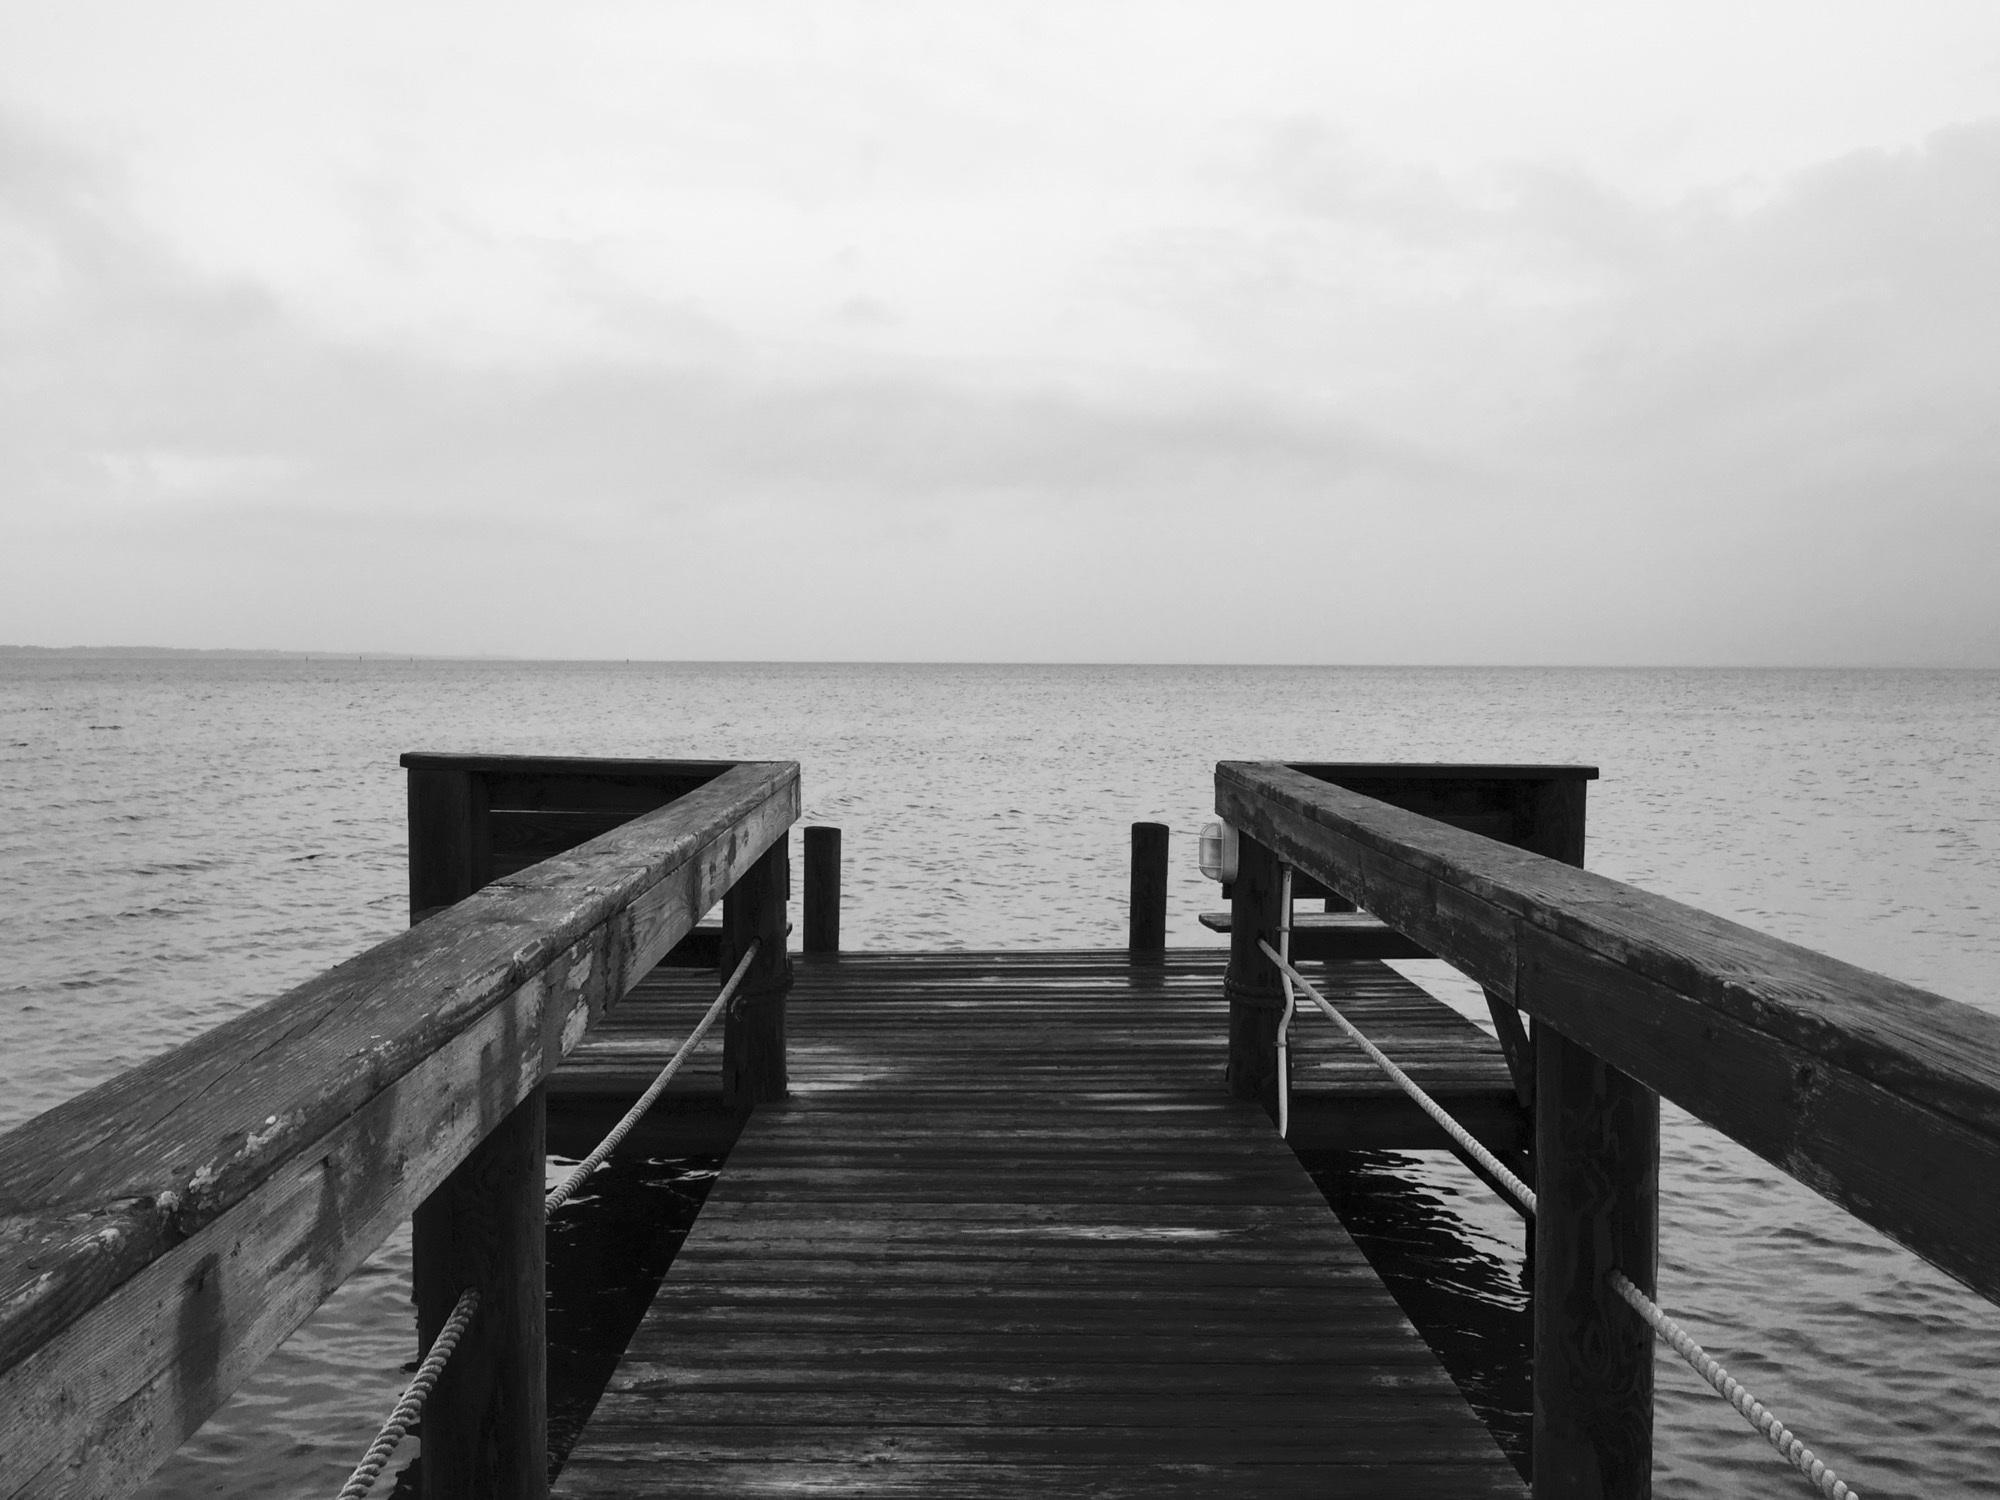 картинки грустного моря появилась